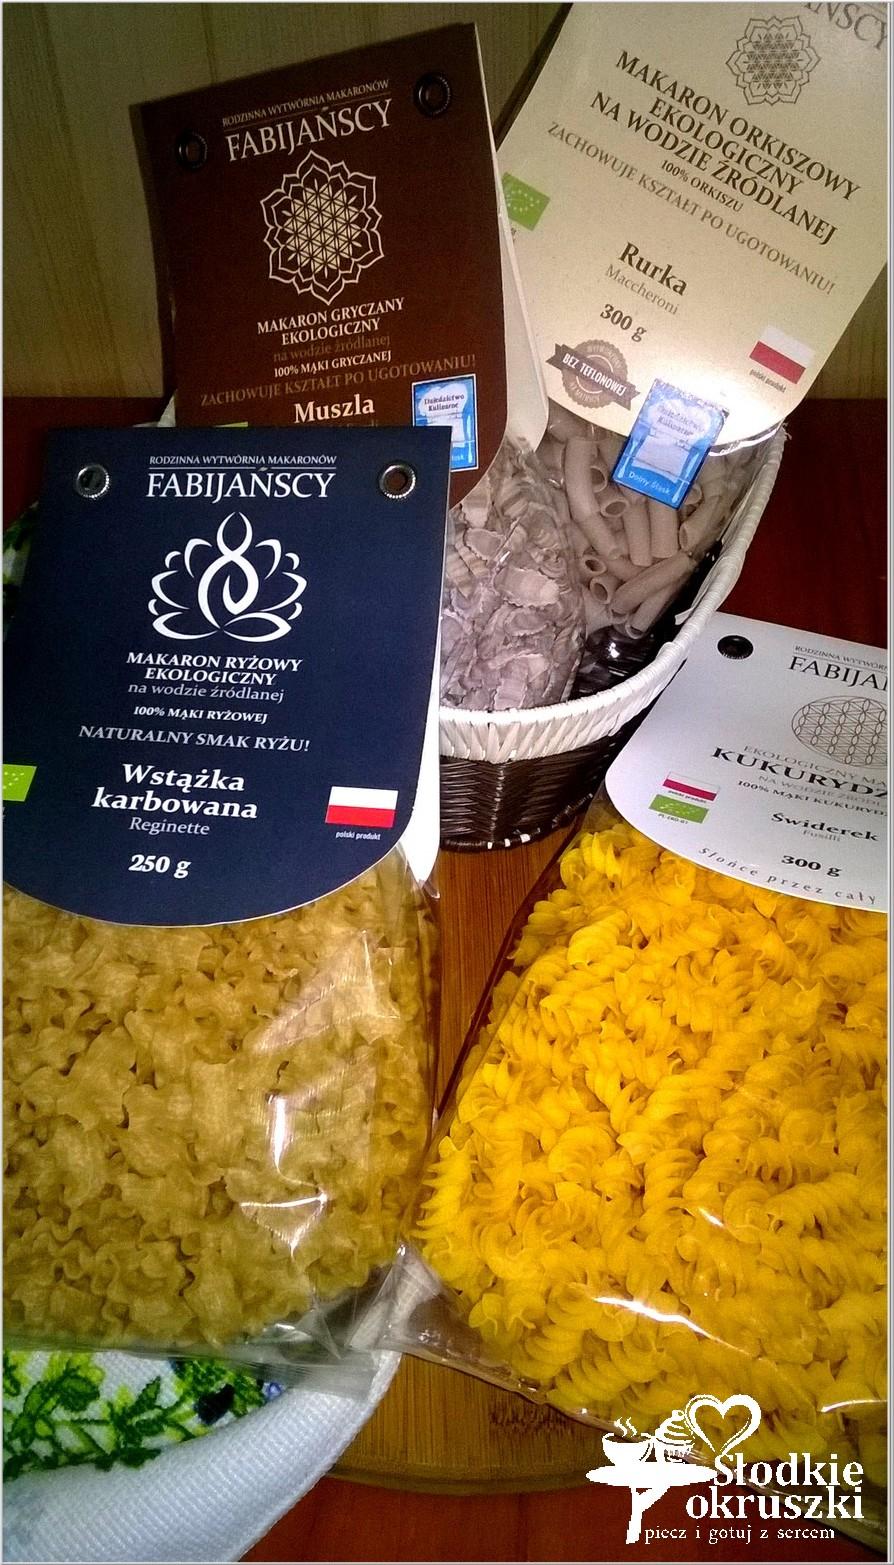 Ekologia, zdrowie i smak. Wytwórnia makaronów Fabijańscy.